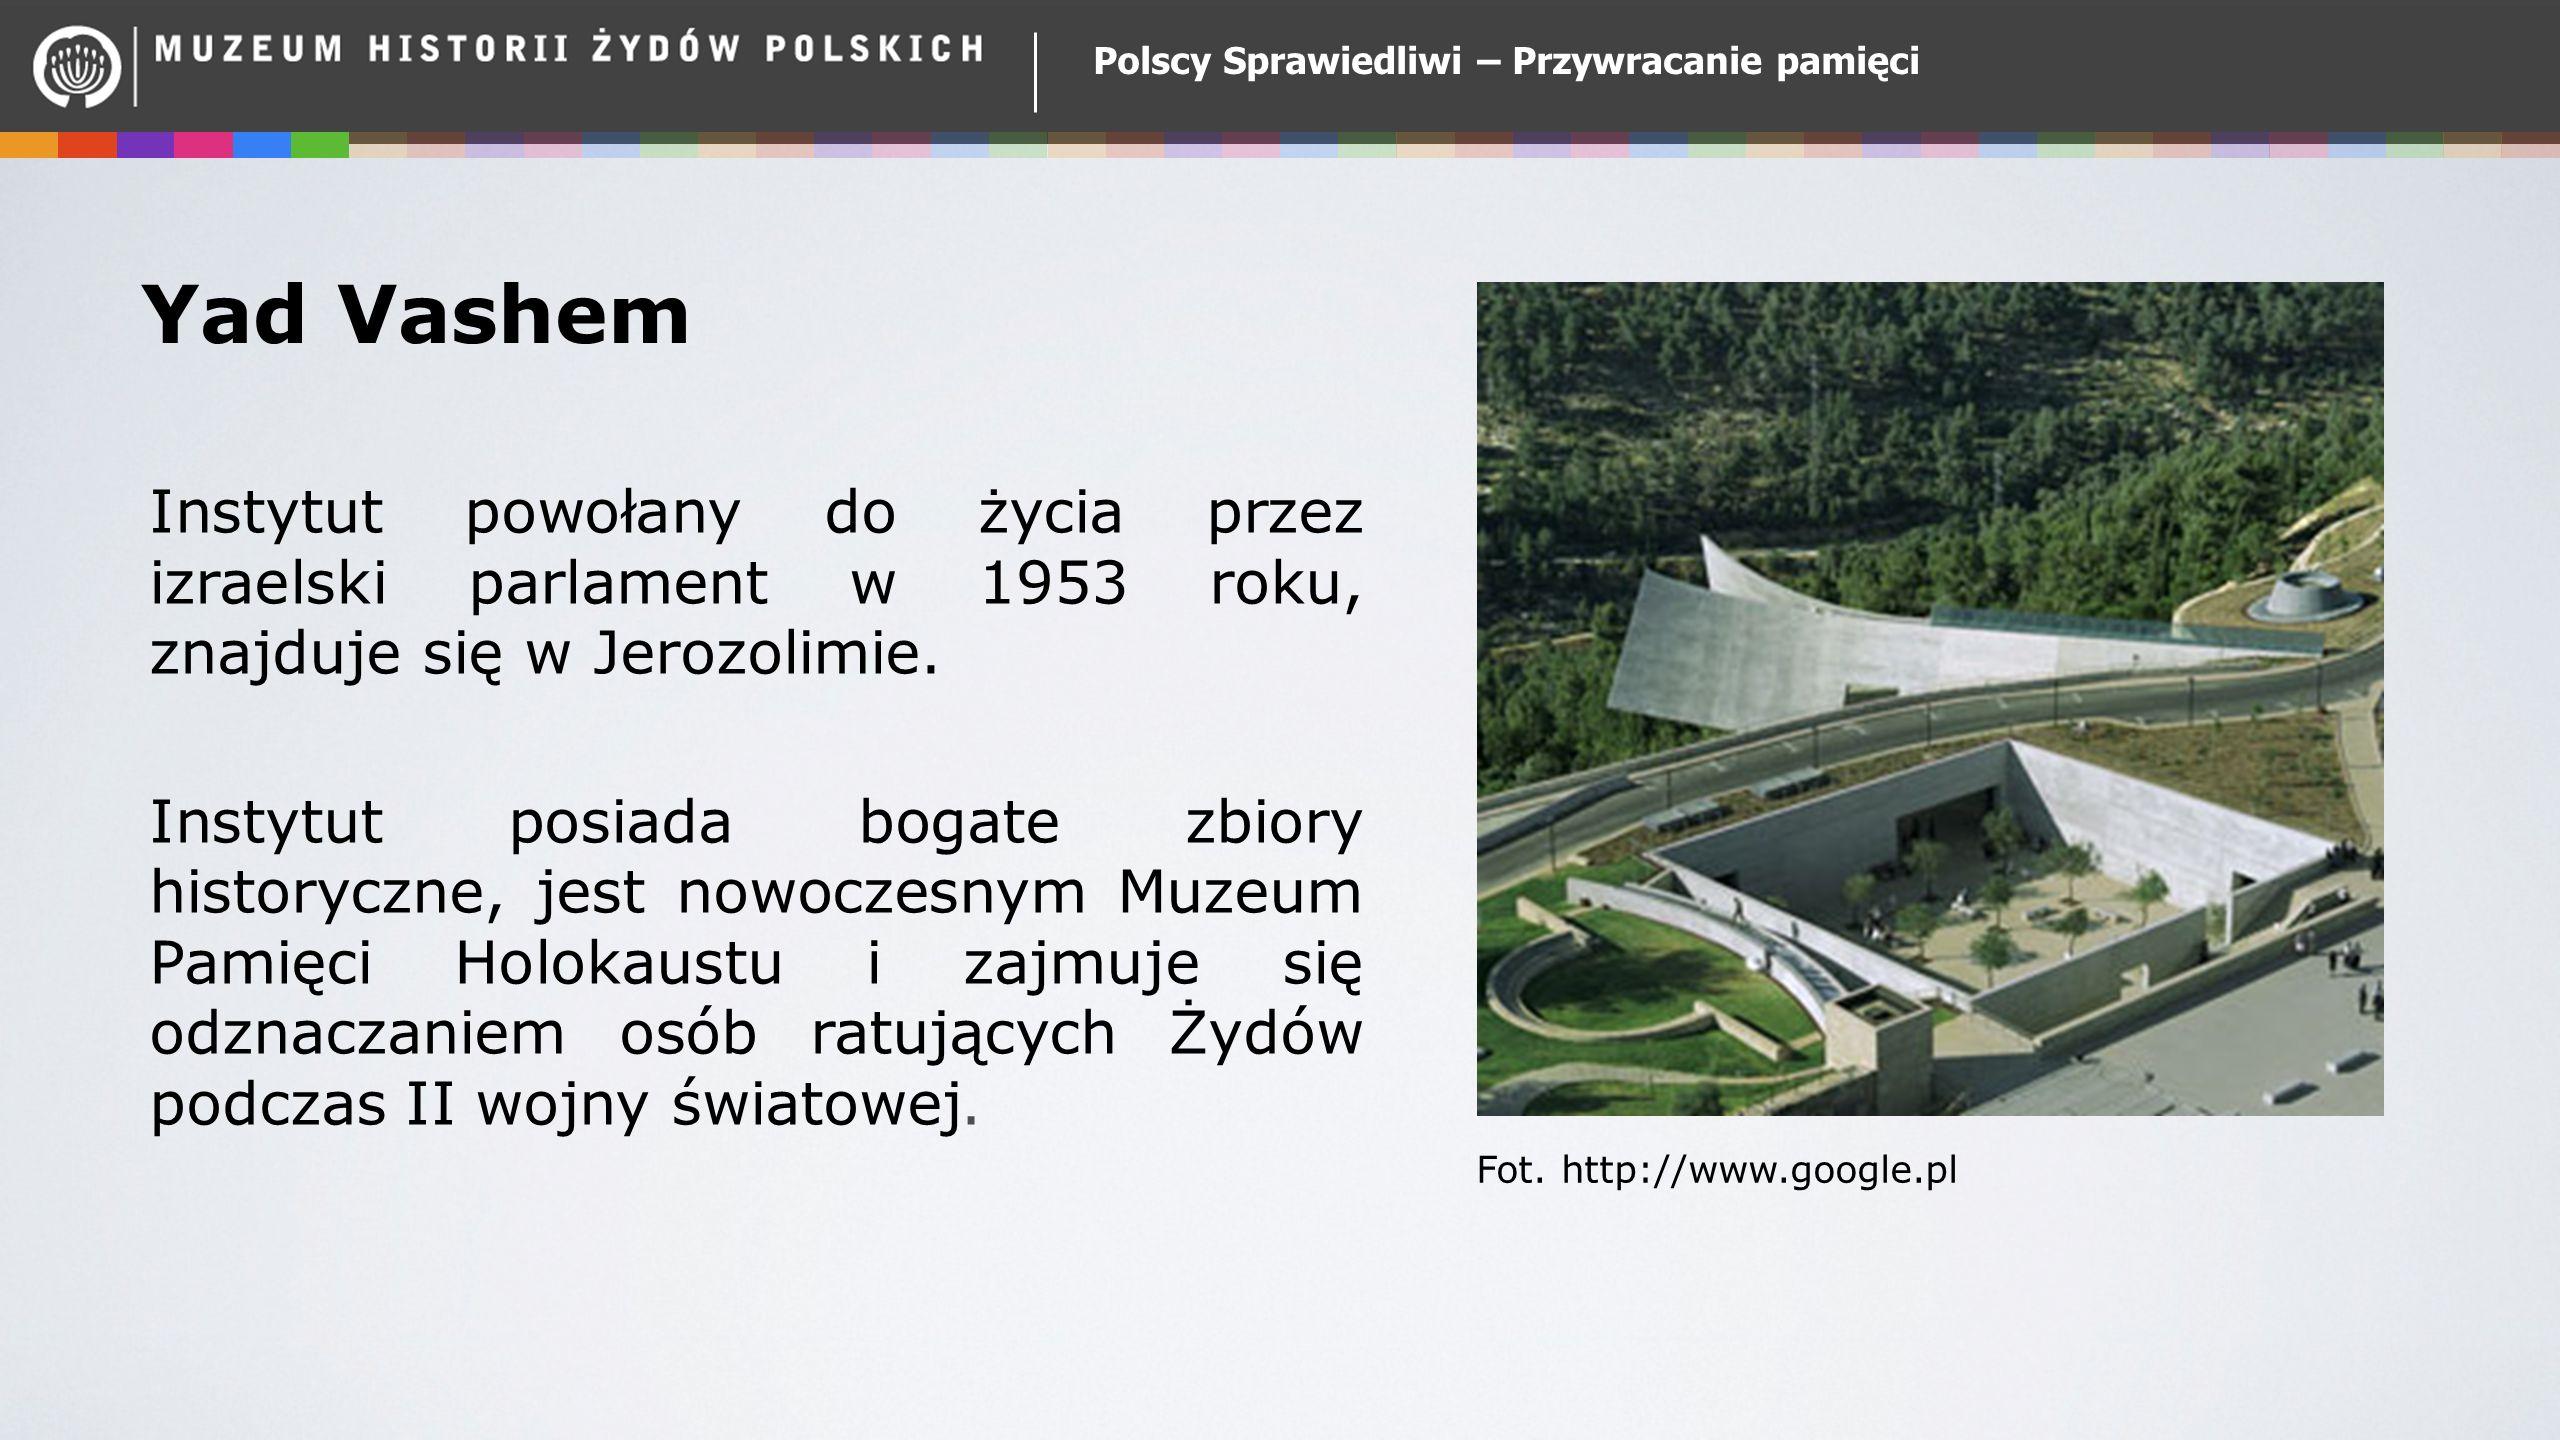 Polscy Sprawiedliwi – Przywracanie pamięci Yad Vashem Instytut powołany do życia przez izraelski parlament w 1953 roku, znajduje się w Jerozolimie. In